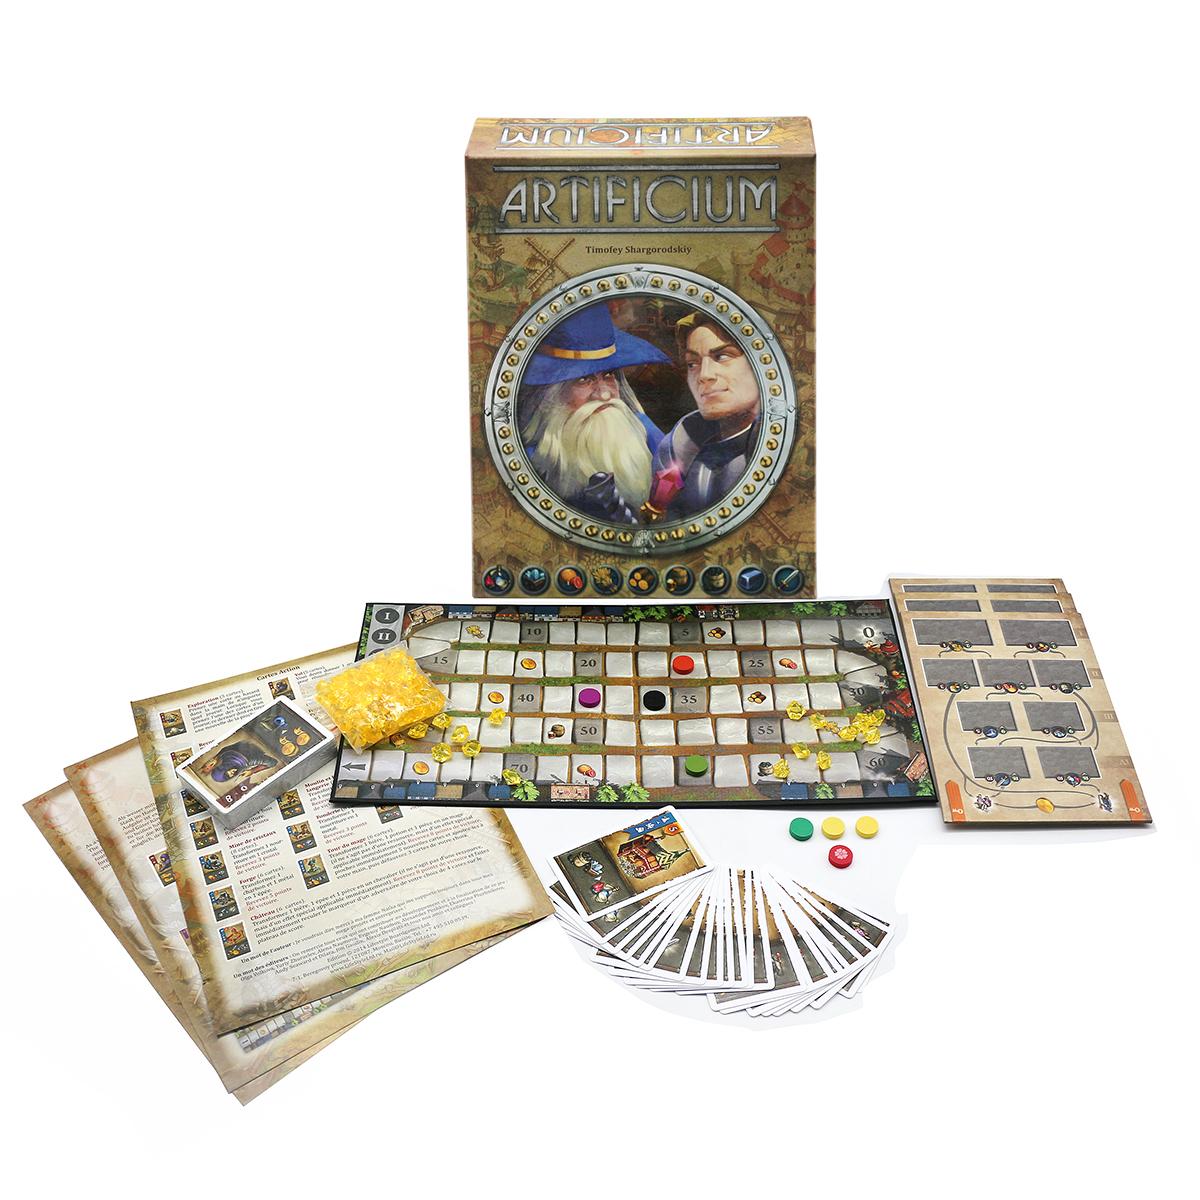 桌游专业卡牌定制家庭聚会桌游套装桌面游戏棋盘代币全套定做印刷